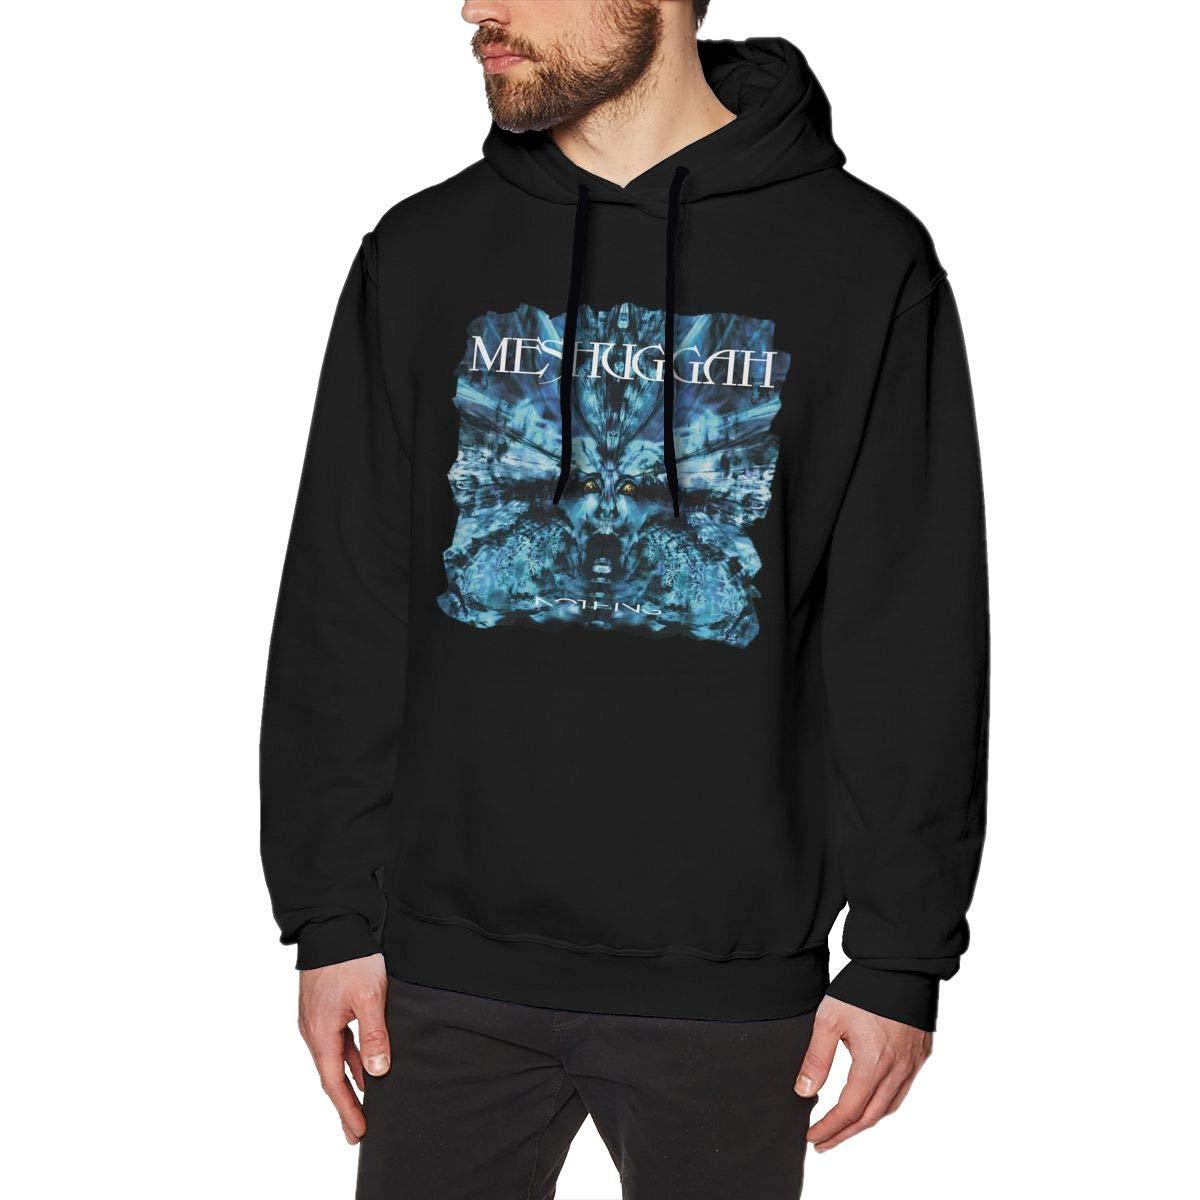 Evmjser Meshuggah Men's Fashion Long Sleeve Hooded Sweater Tops